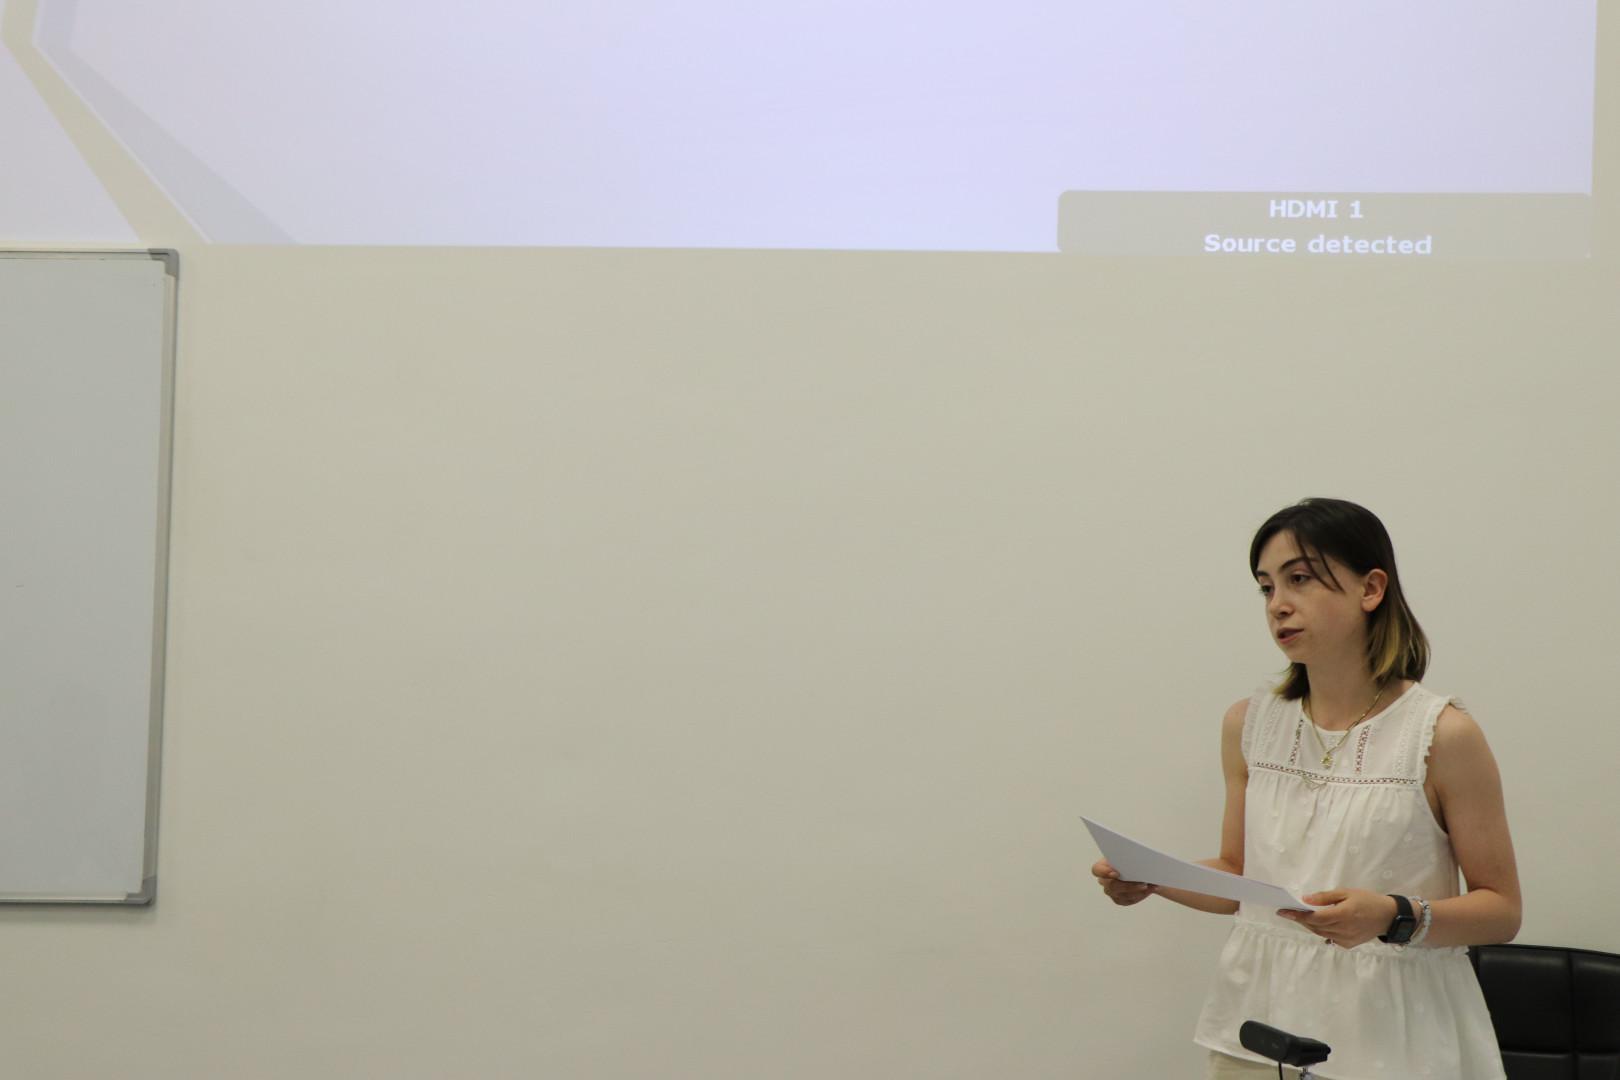 CSE შიდა სასკოლო კონფერენცია